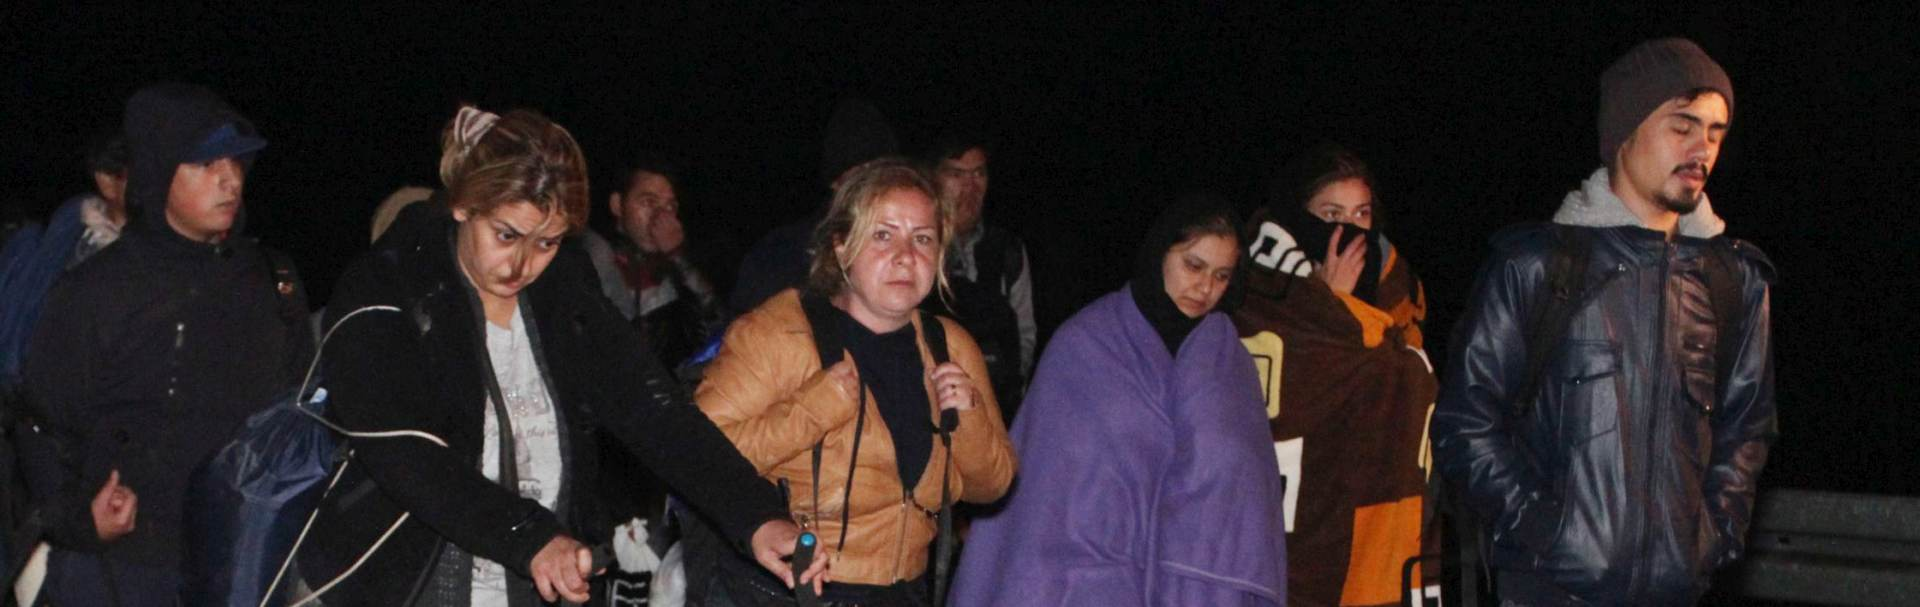 PREMA SLOVENIJI: Na kolodvoru Tovarnik ukrcavaju se u vlak za Čakovec